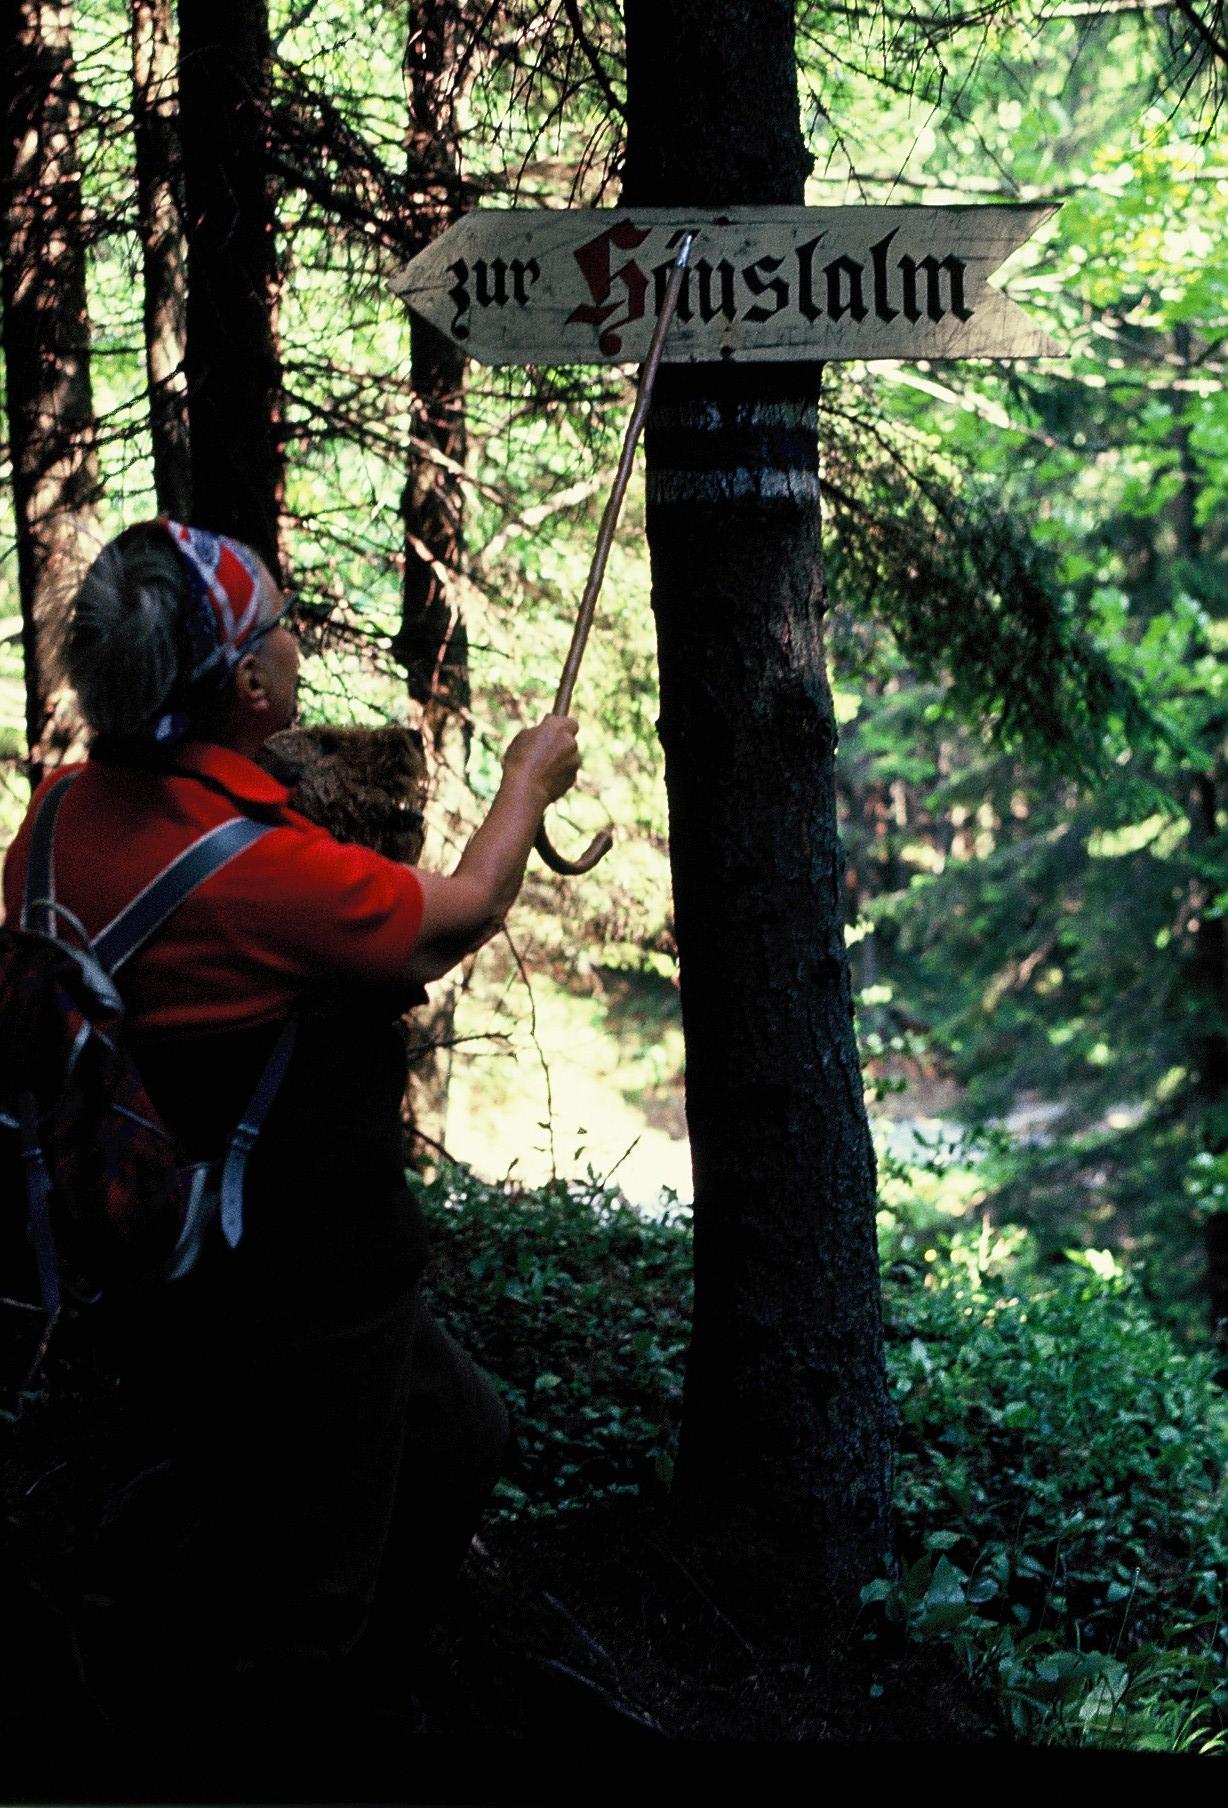 Abenteuer auf dem reiterhof 2 die verschwörung download.